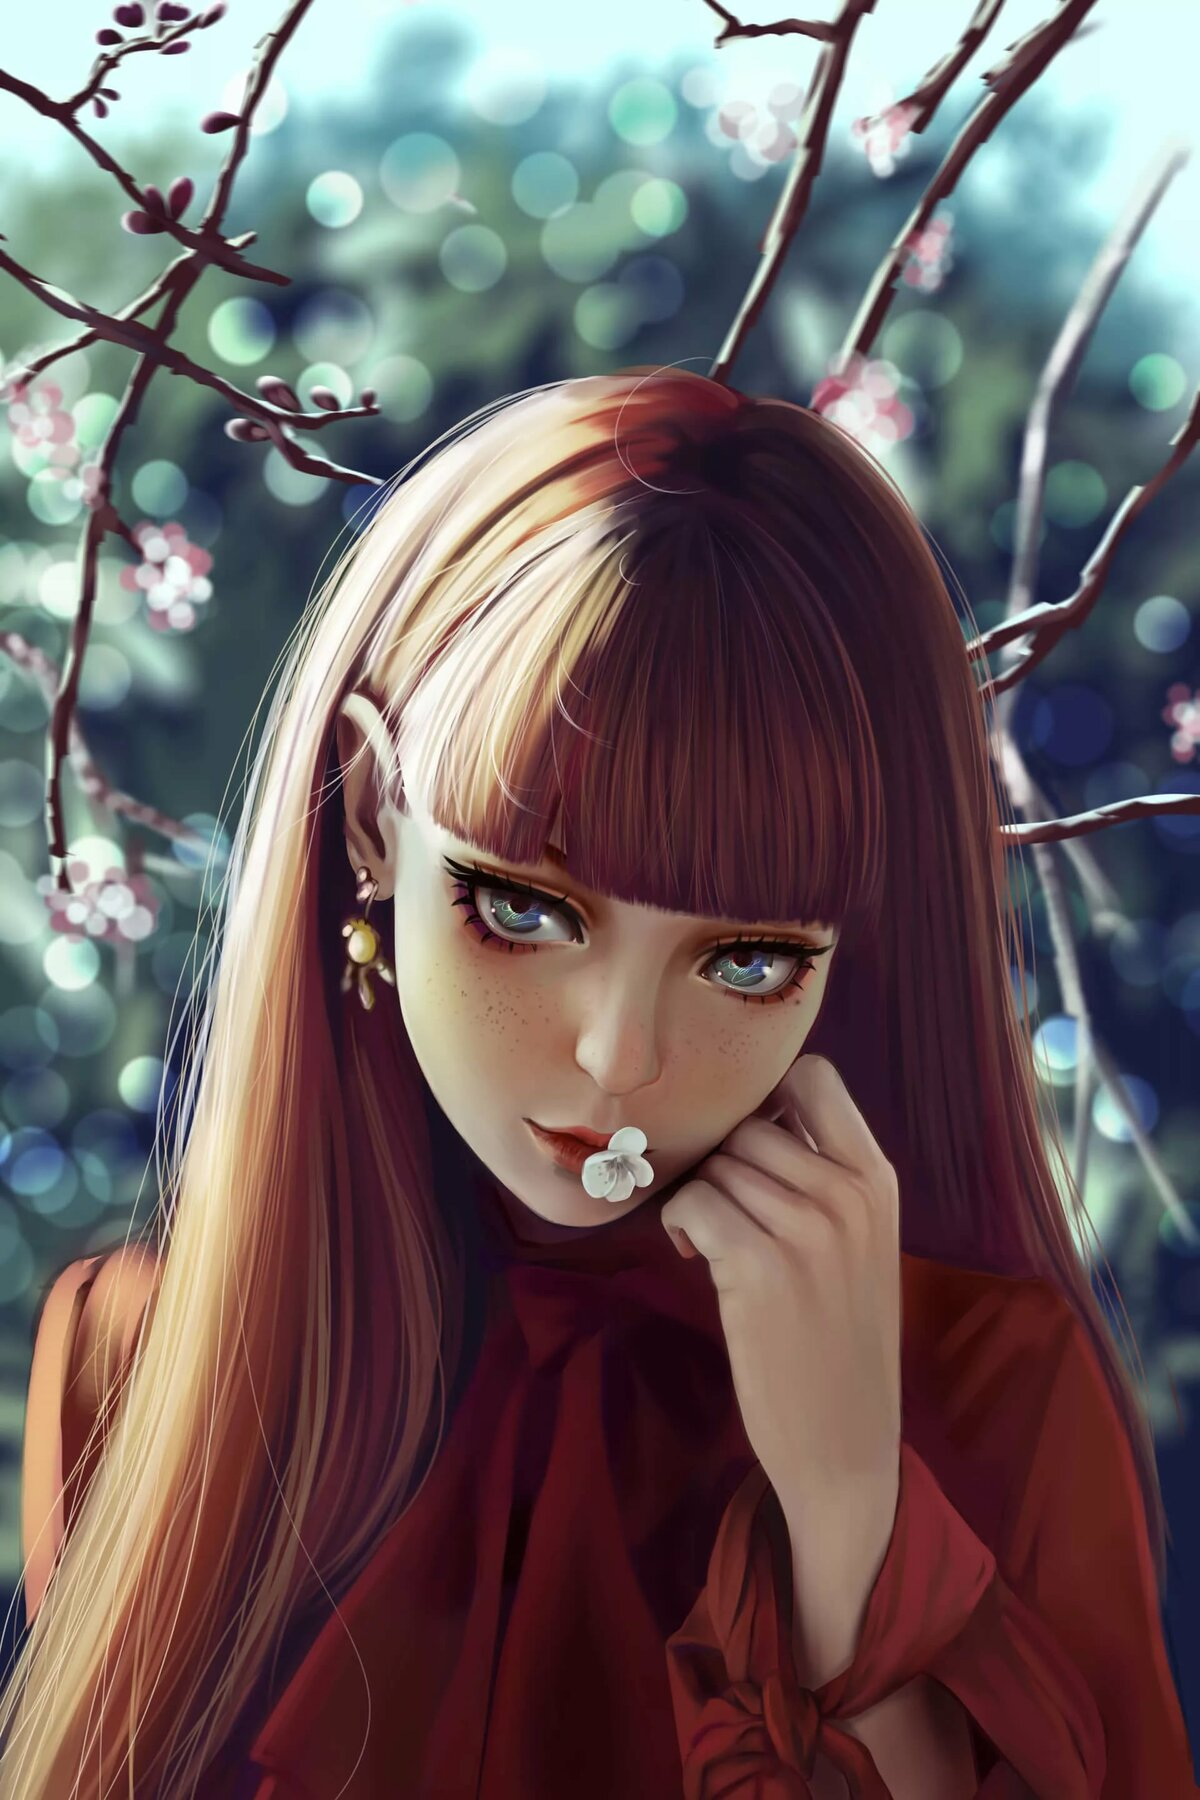 Прикольные картинки девочки мультяшные на аватарку, сестре марта